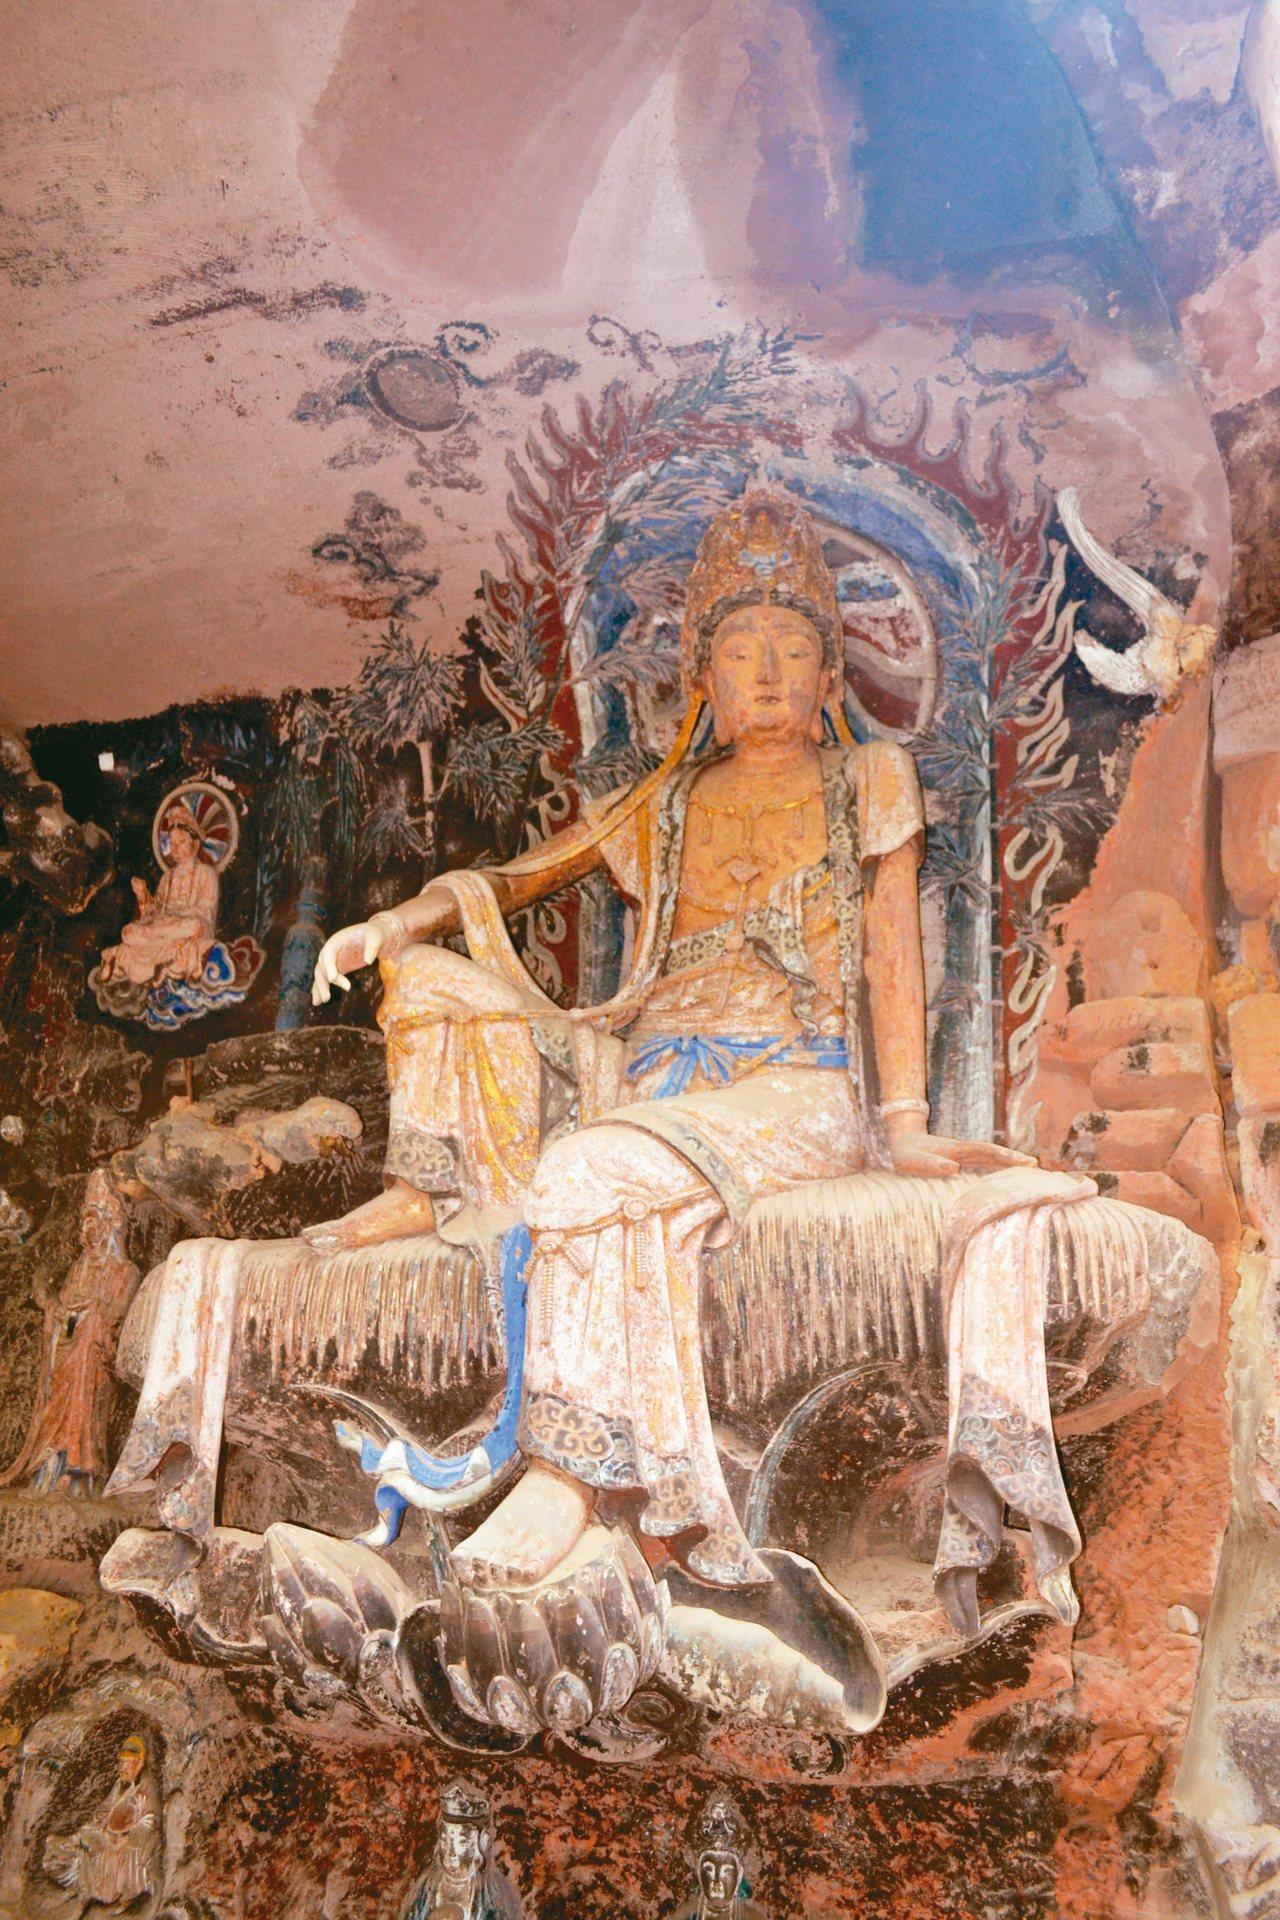 毗盧洞擁有絕美「水月觀音」雕塑,又稱「東方的維納斯」。 特派員王玉燕/攝影